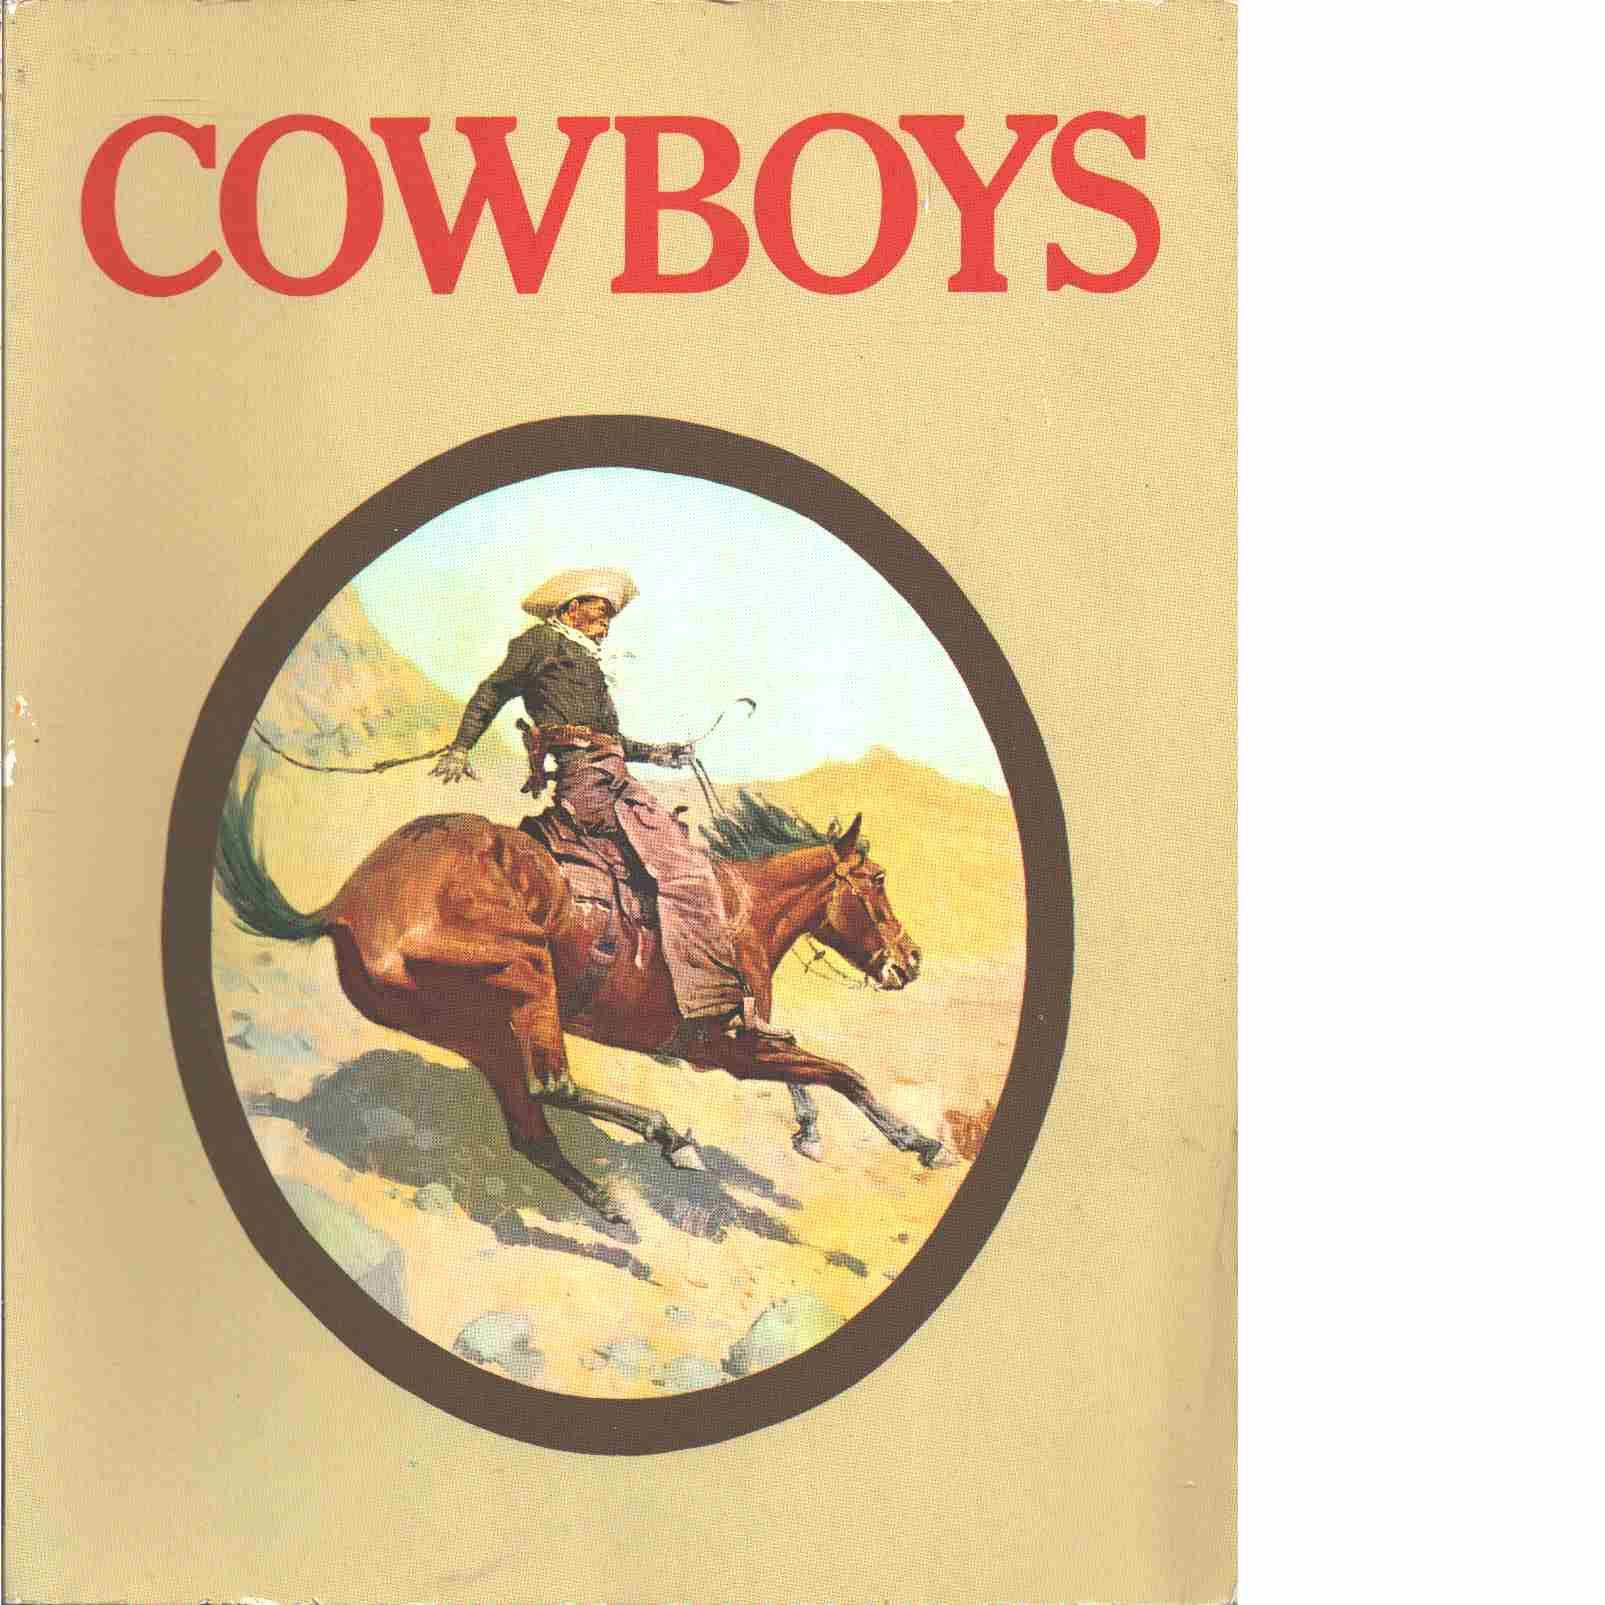 Cowboys - Forbis, William H.